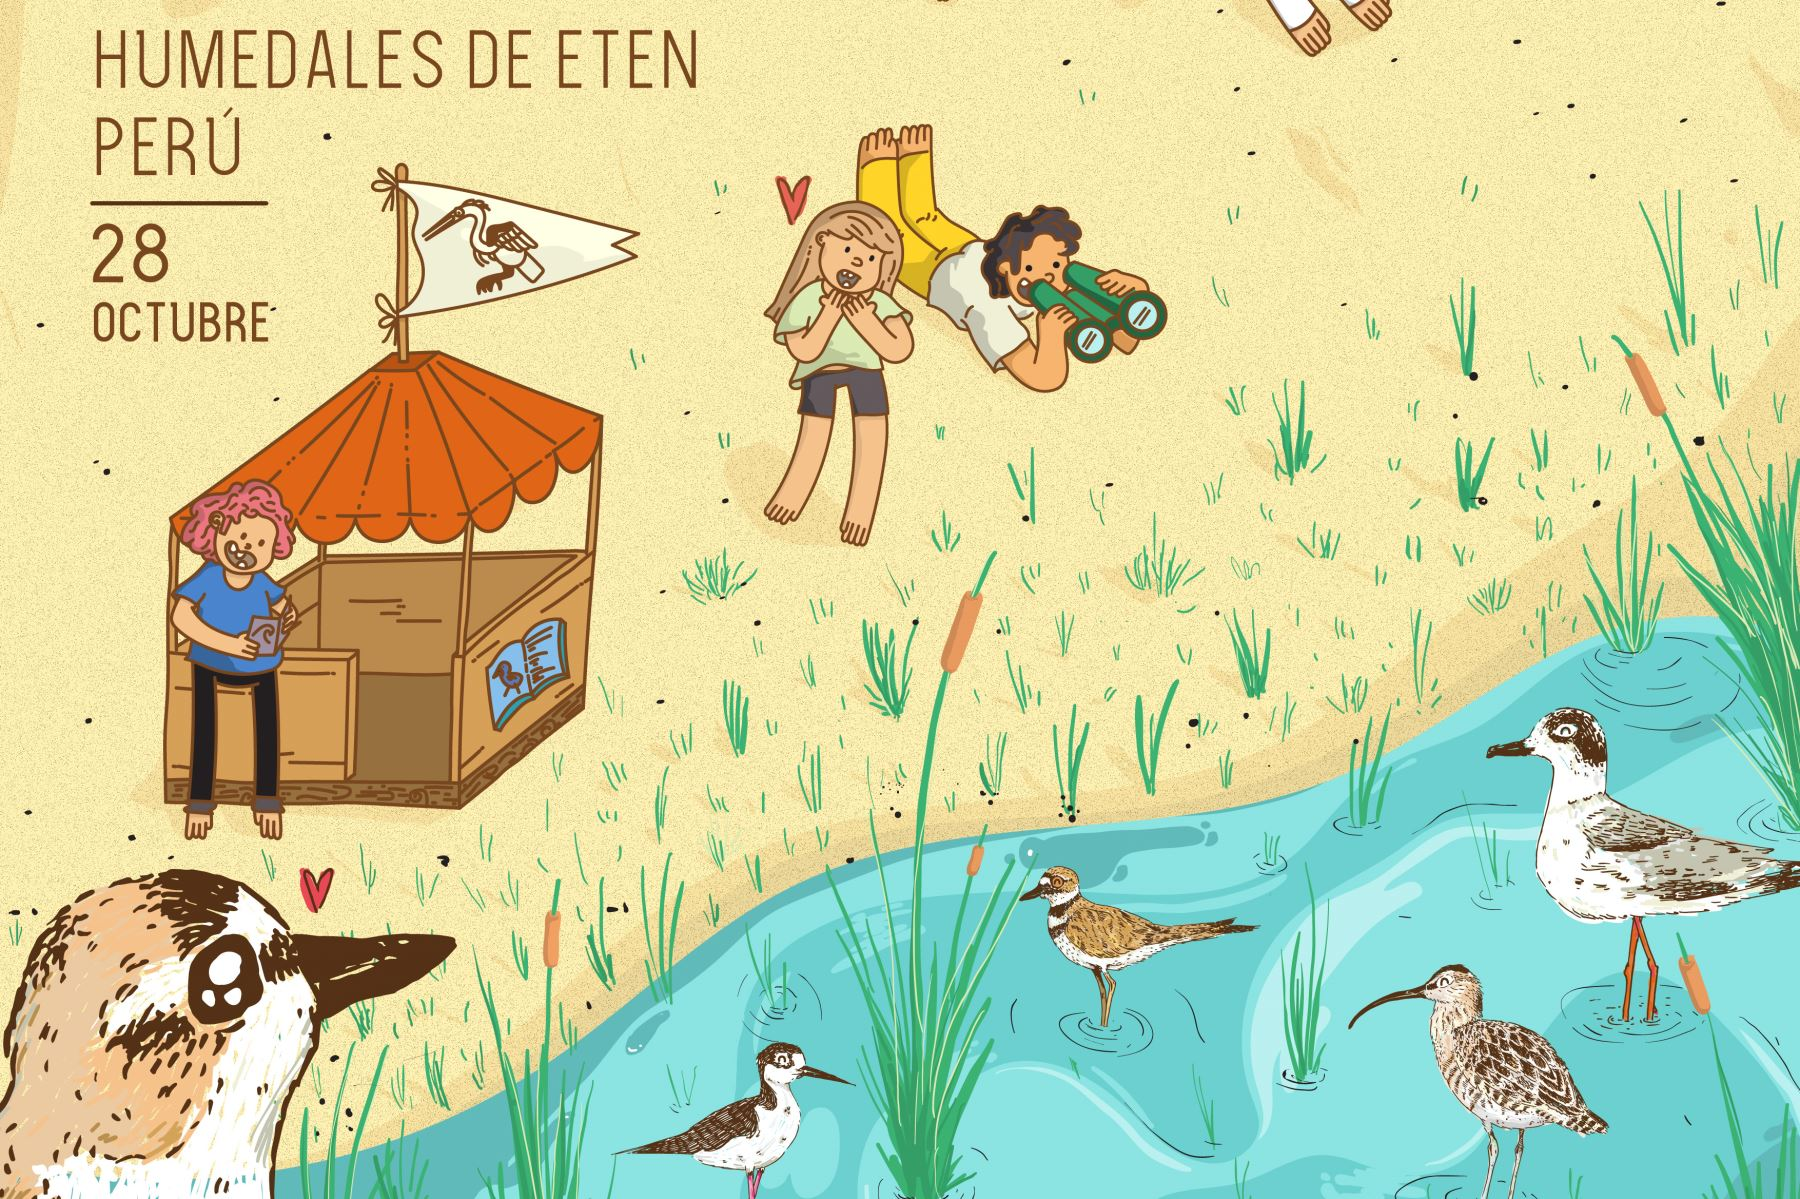 """El domingo 28 de octubre se efectuará el II Festival de Aves Playeras y Humedales de Eten """"Alas que nos Unen"""", en el parque principal del distrito de Ciudad Eten."""